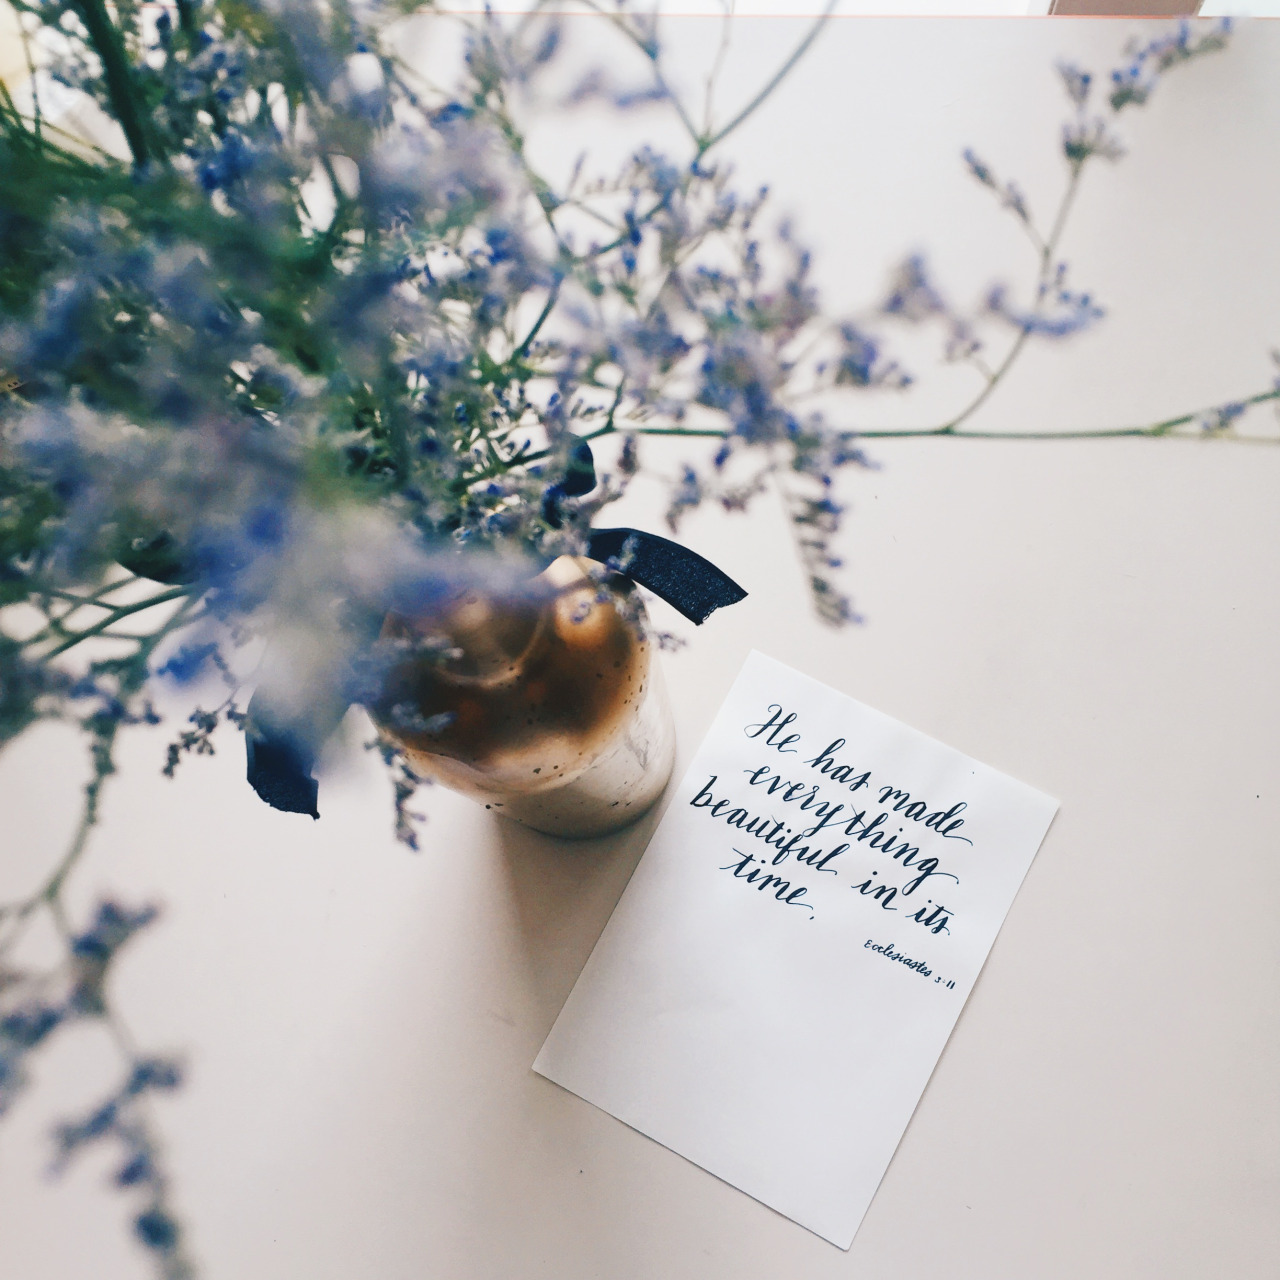 Что пишут на открытке в букете